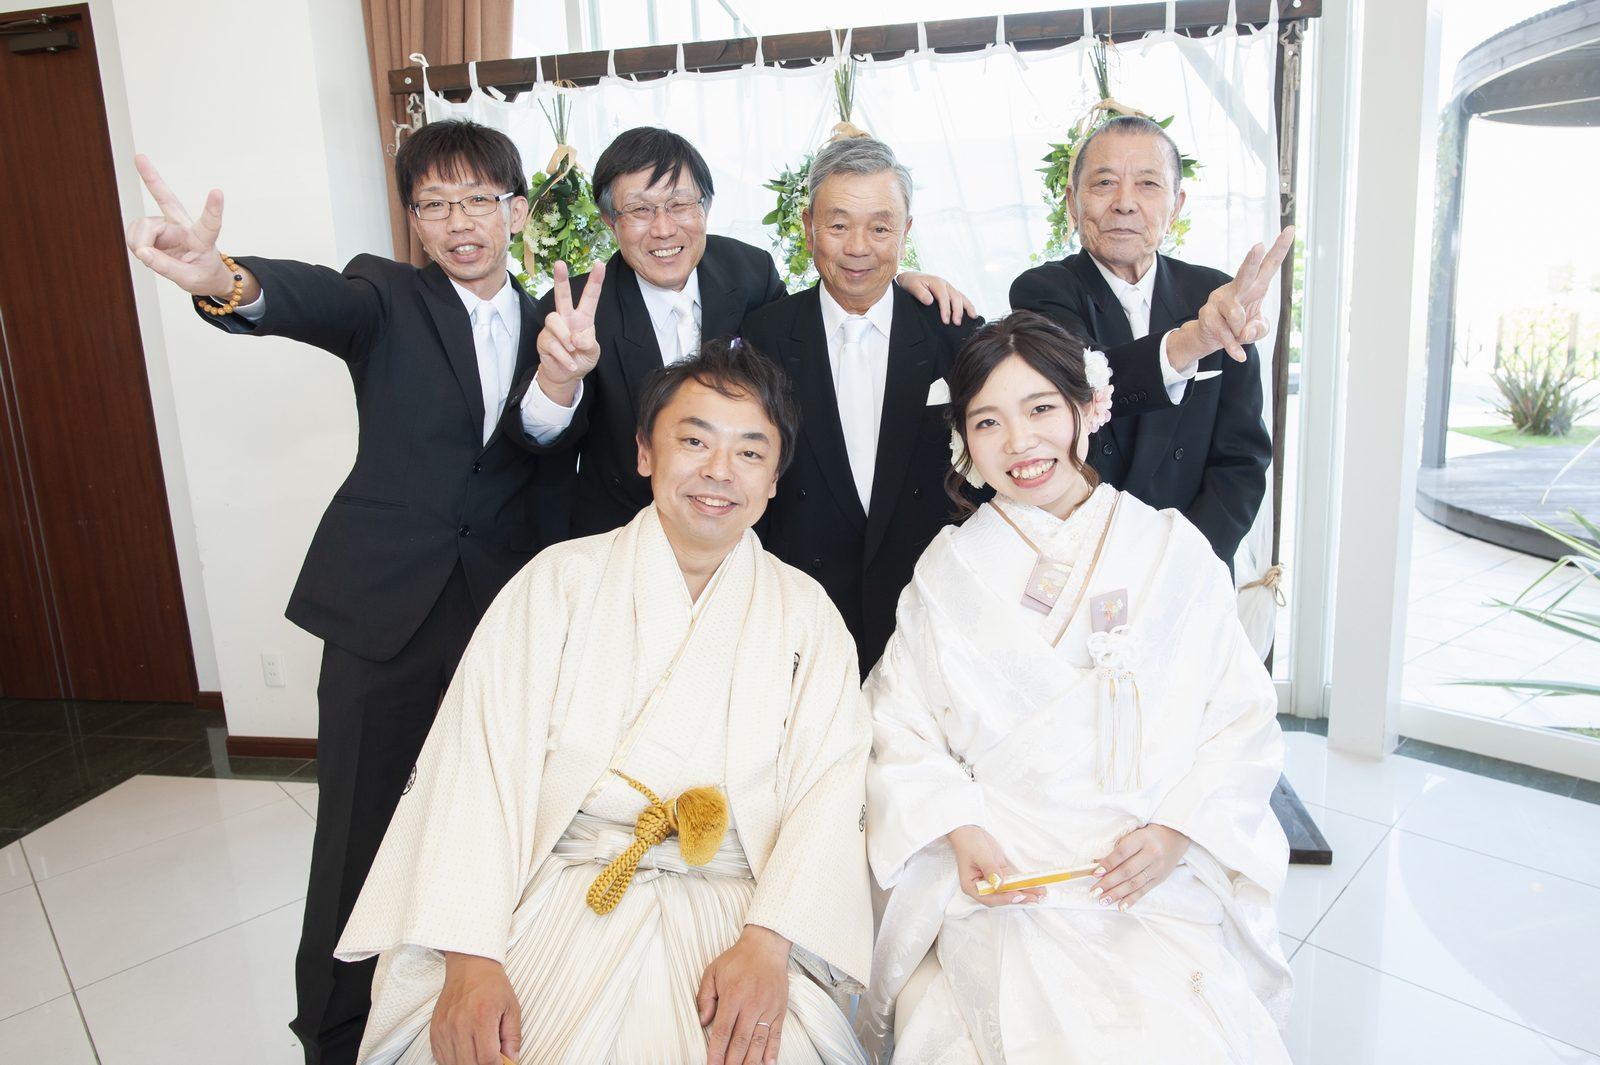 徳島市の結婚式場ブランアンジュの披露宴会場で新郎新婦と一緒に写真撮影を行うゲスト